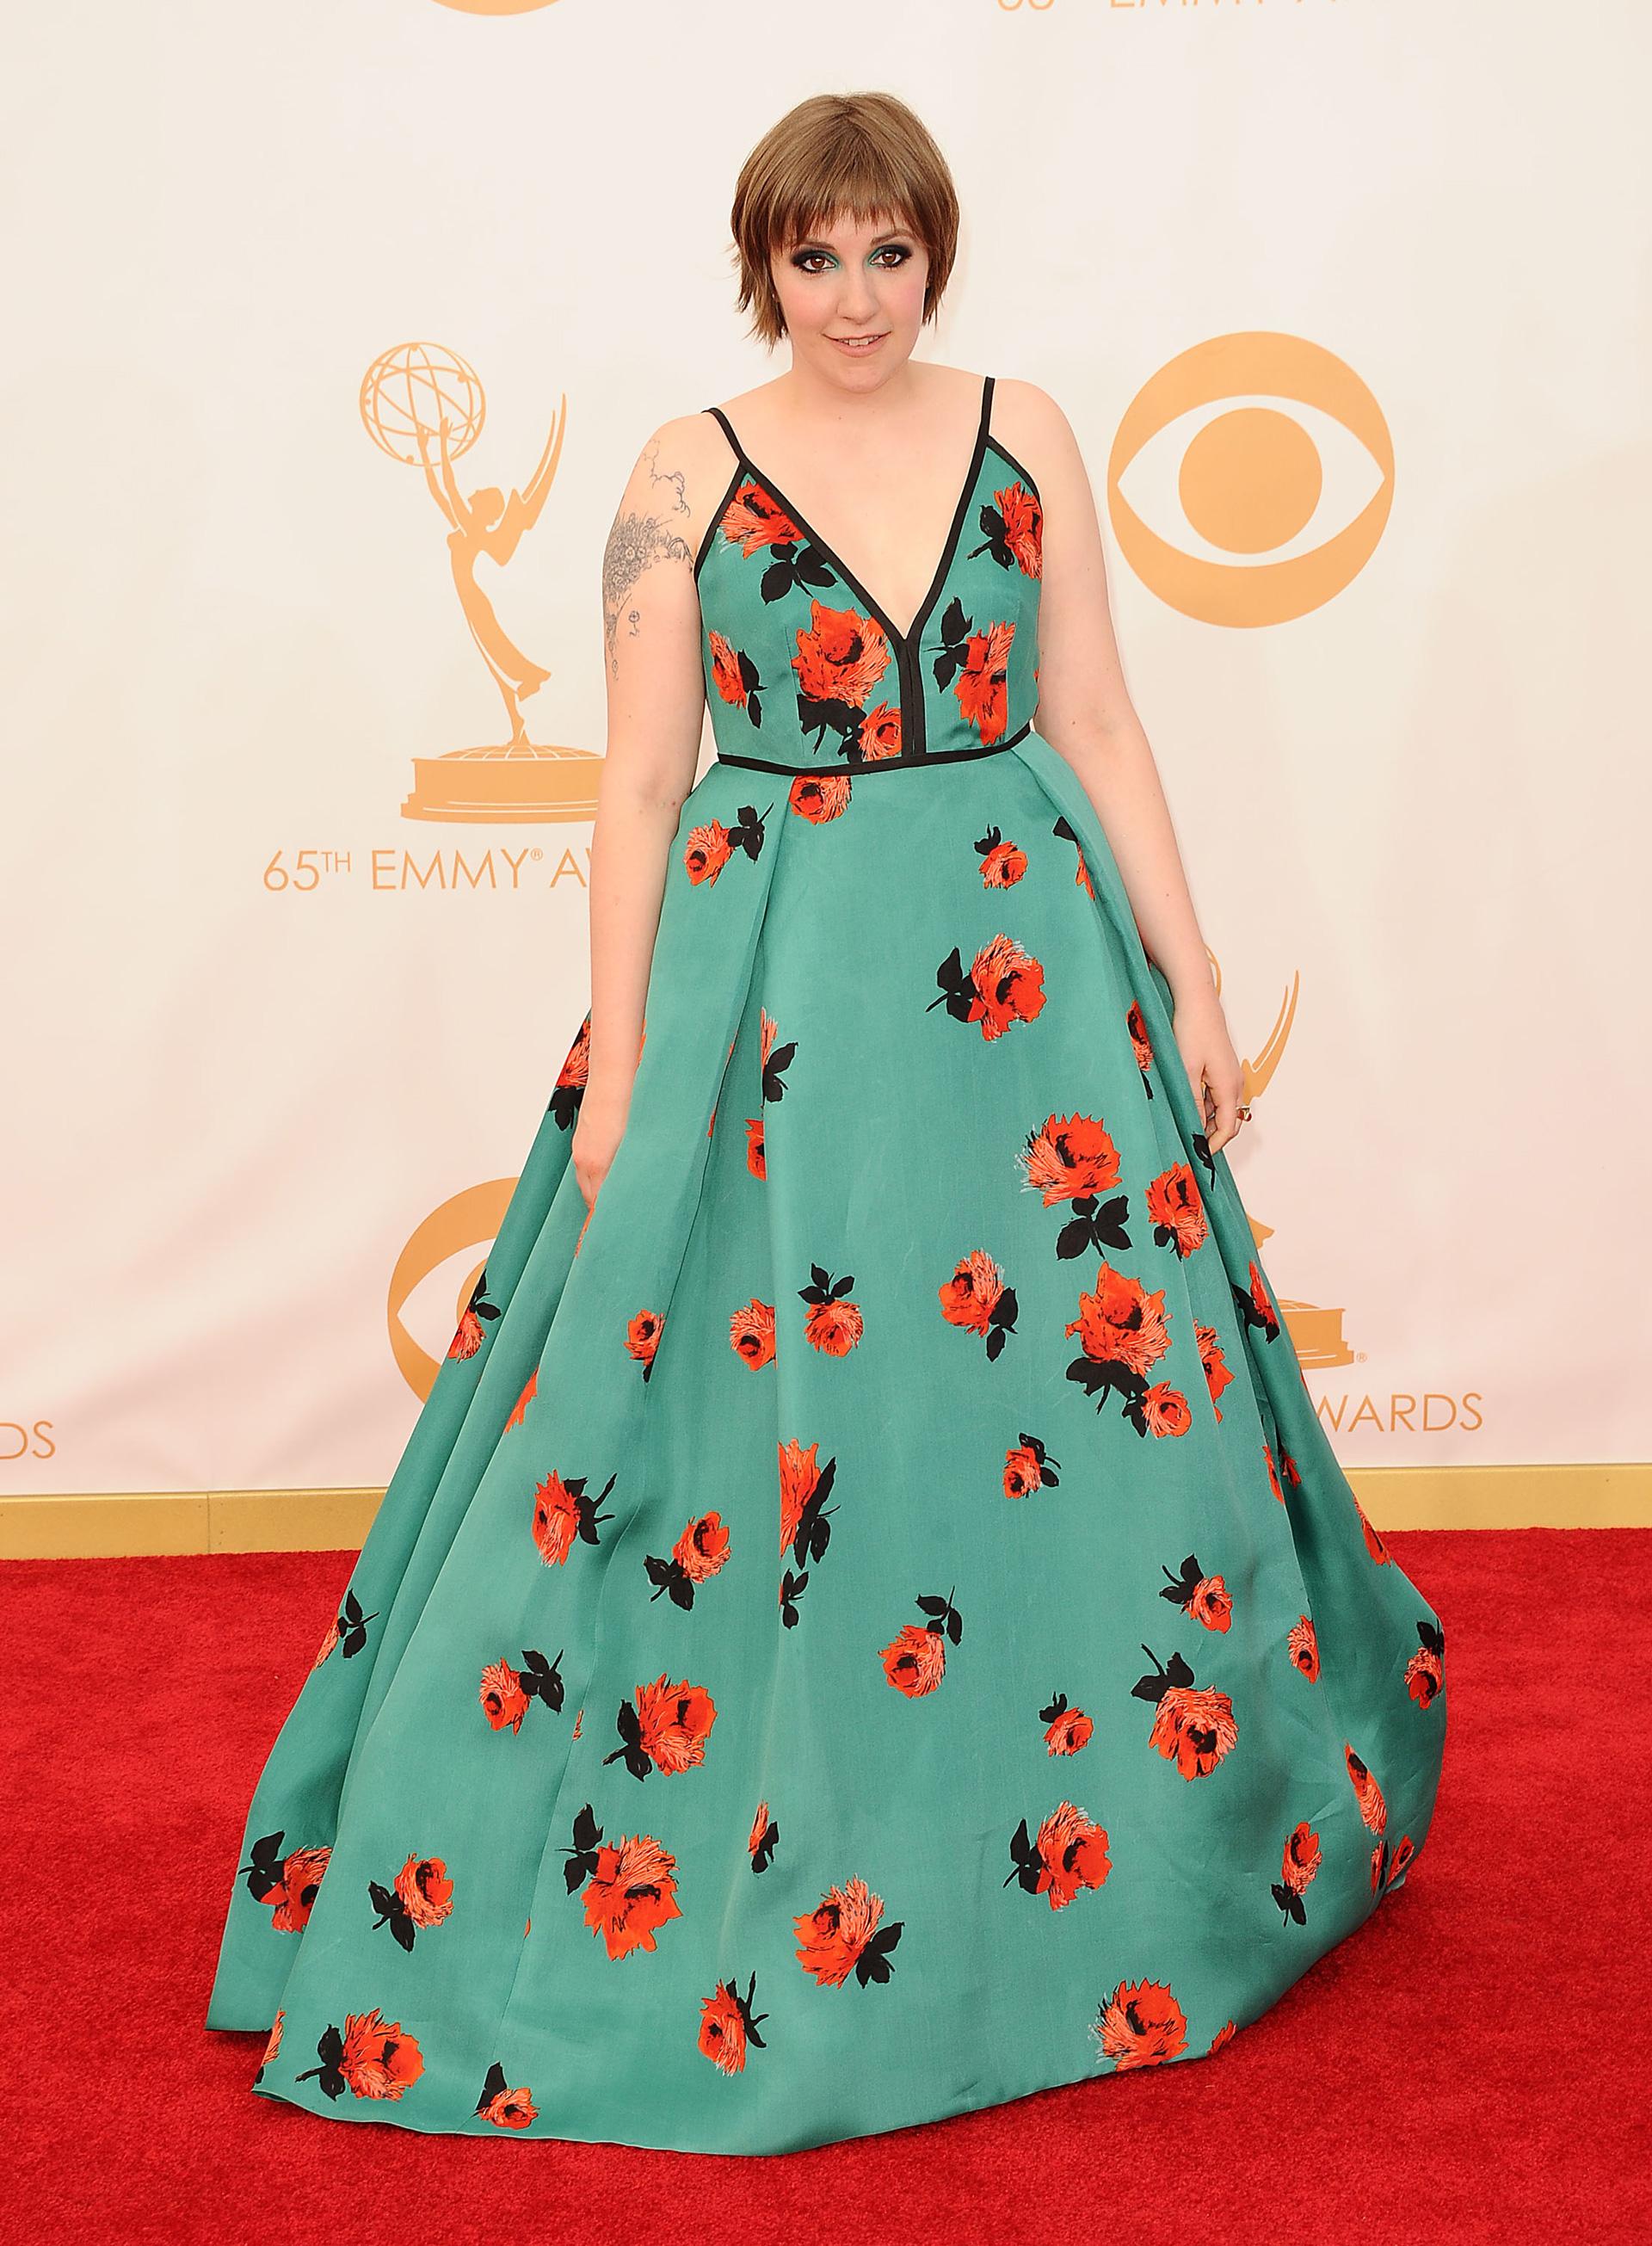 Lena Dunham: Fun with florals